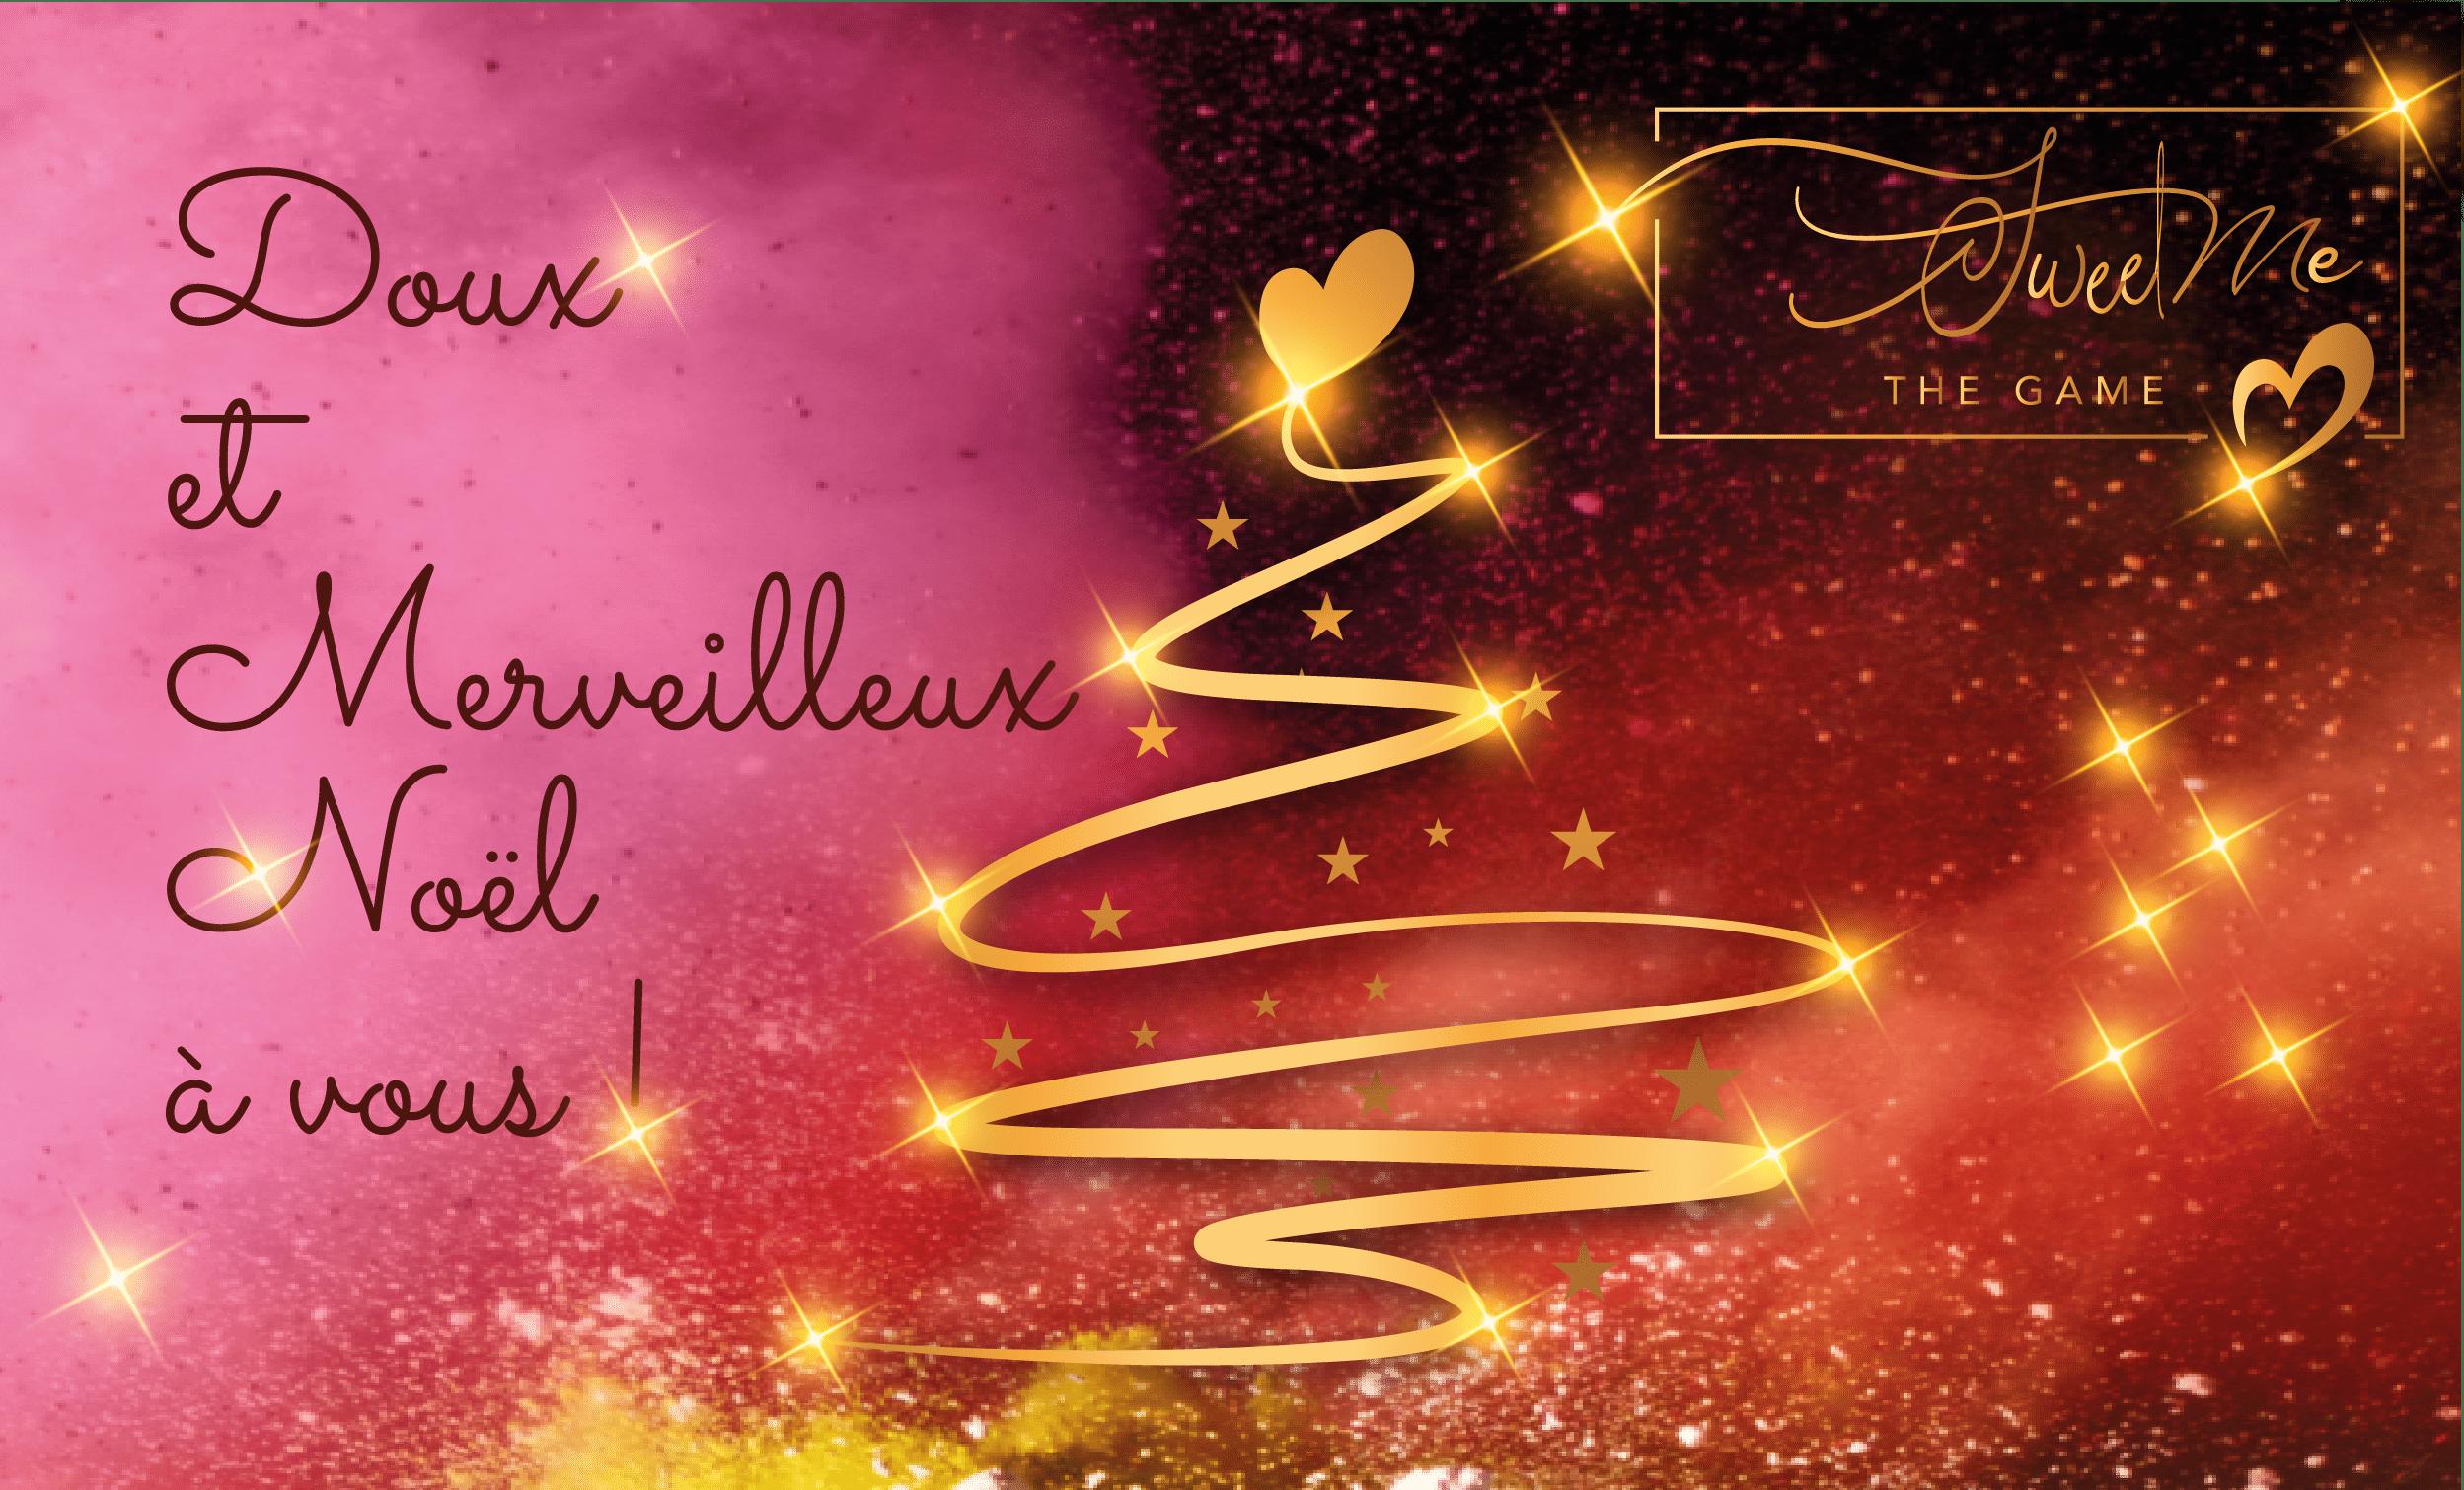 Nous vous souhaitons un doux et merveilleux Noël